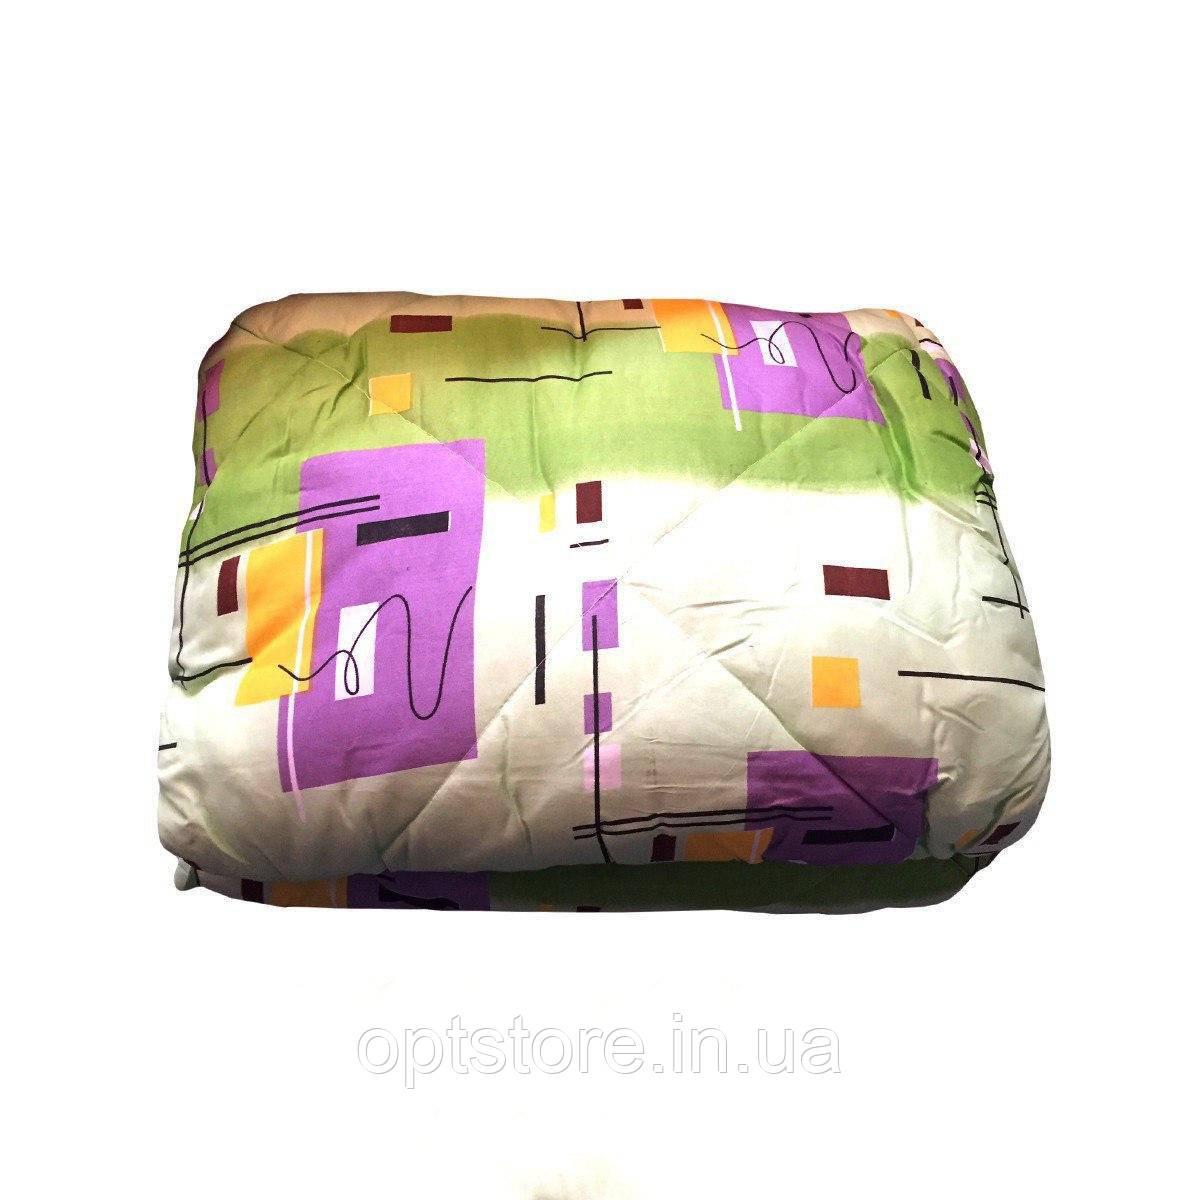 Одеяло овечья шерсть евро размер 200/220,ткань поликотон